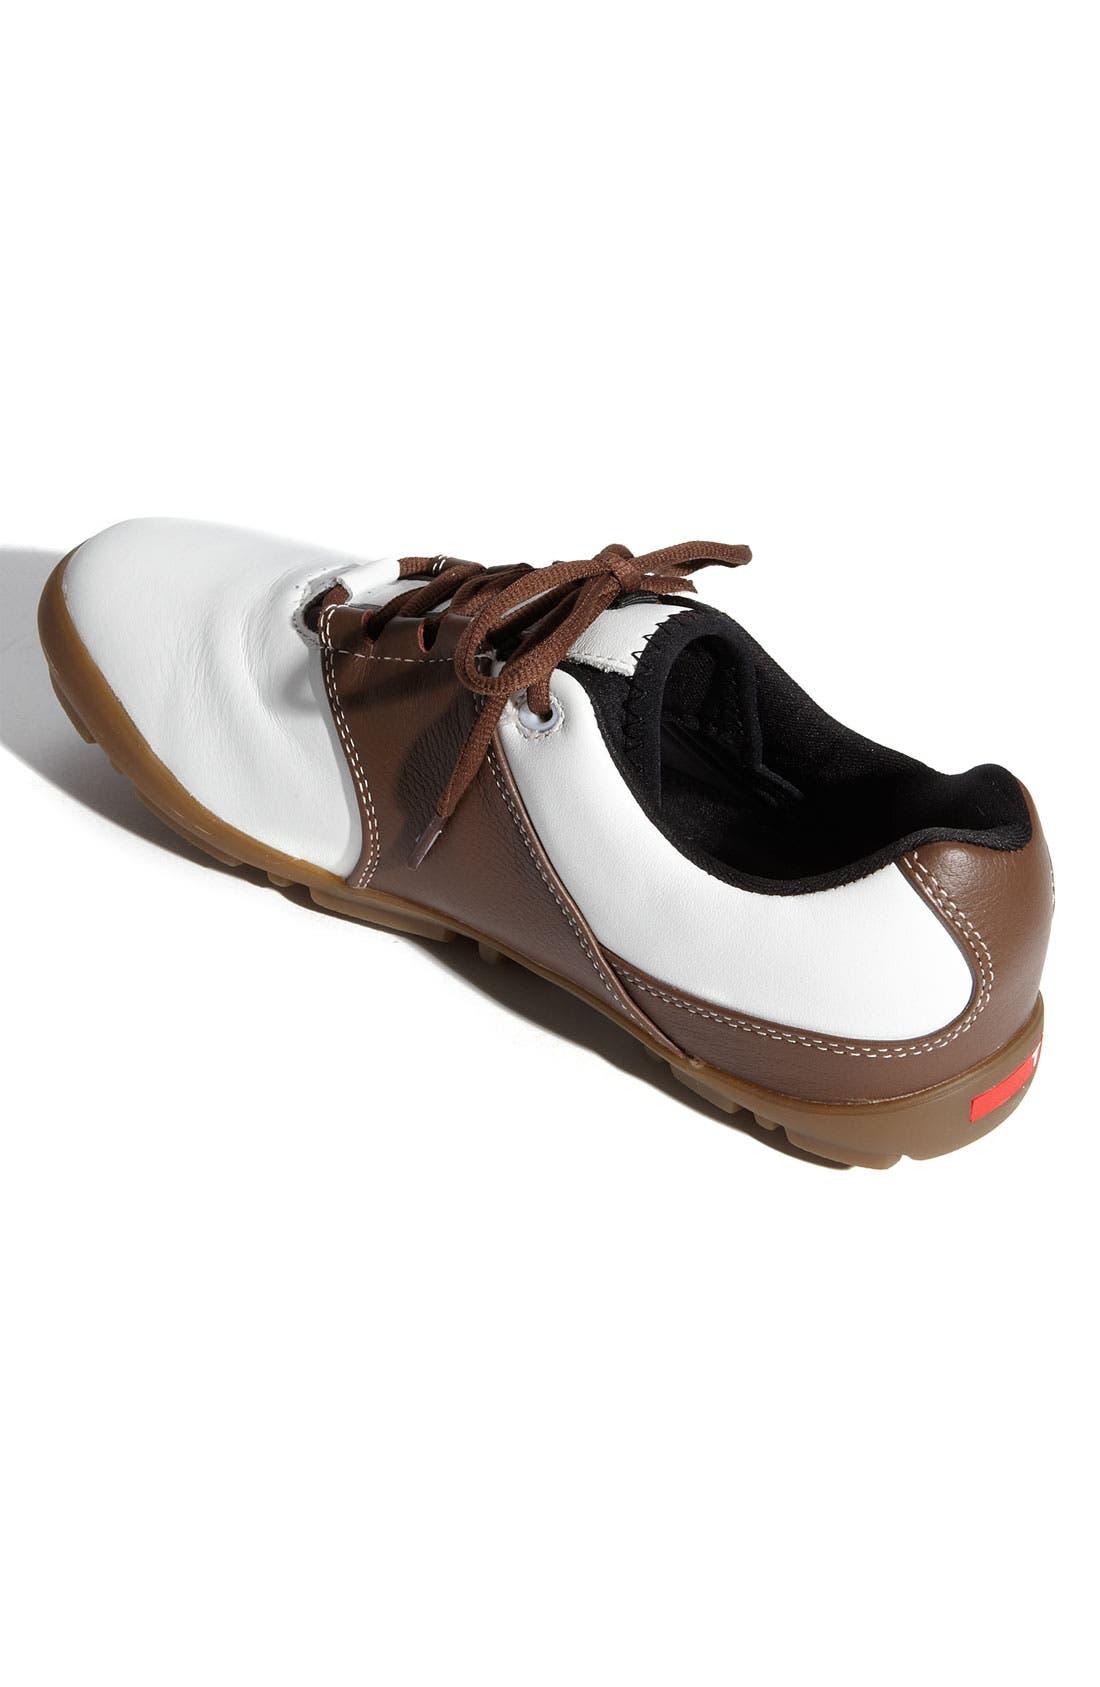 Alternate Image 2  - TRUE linkswear 'True Tour' Golf Shoe (Men)